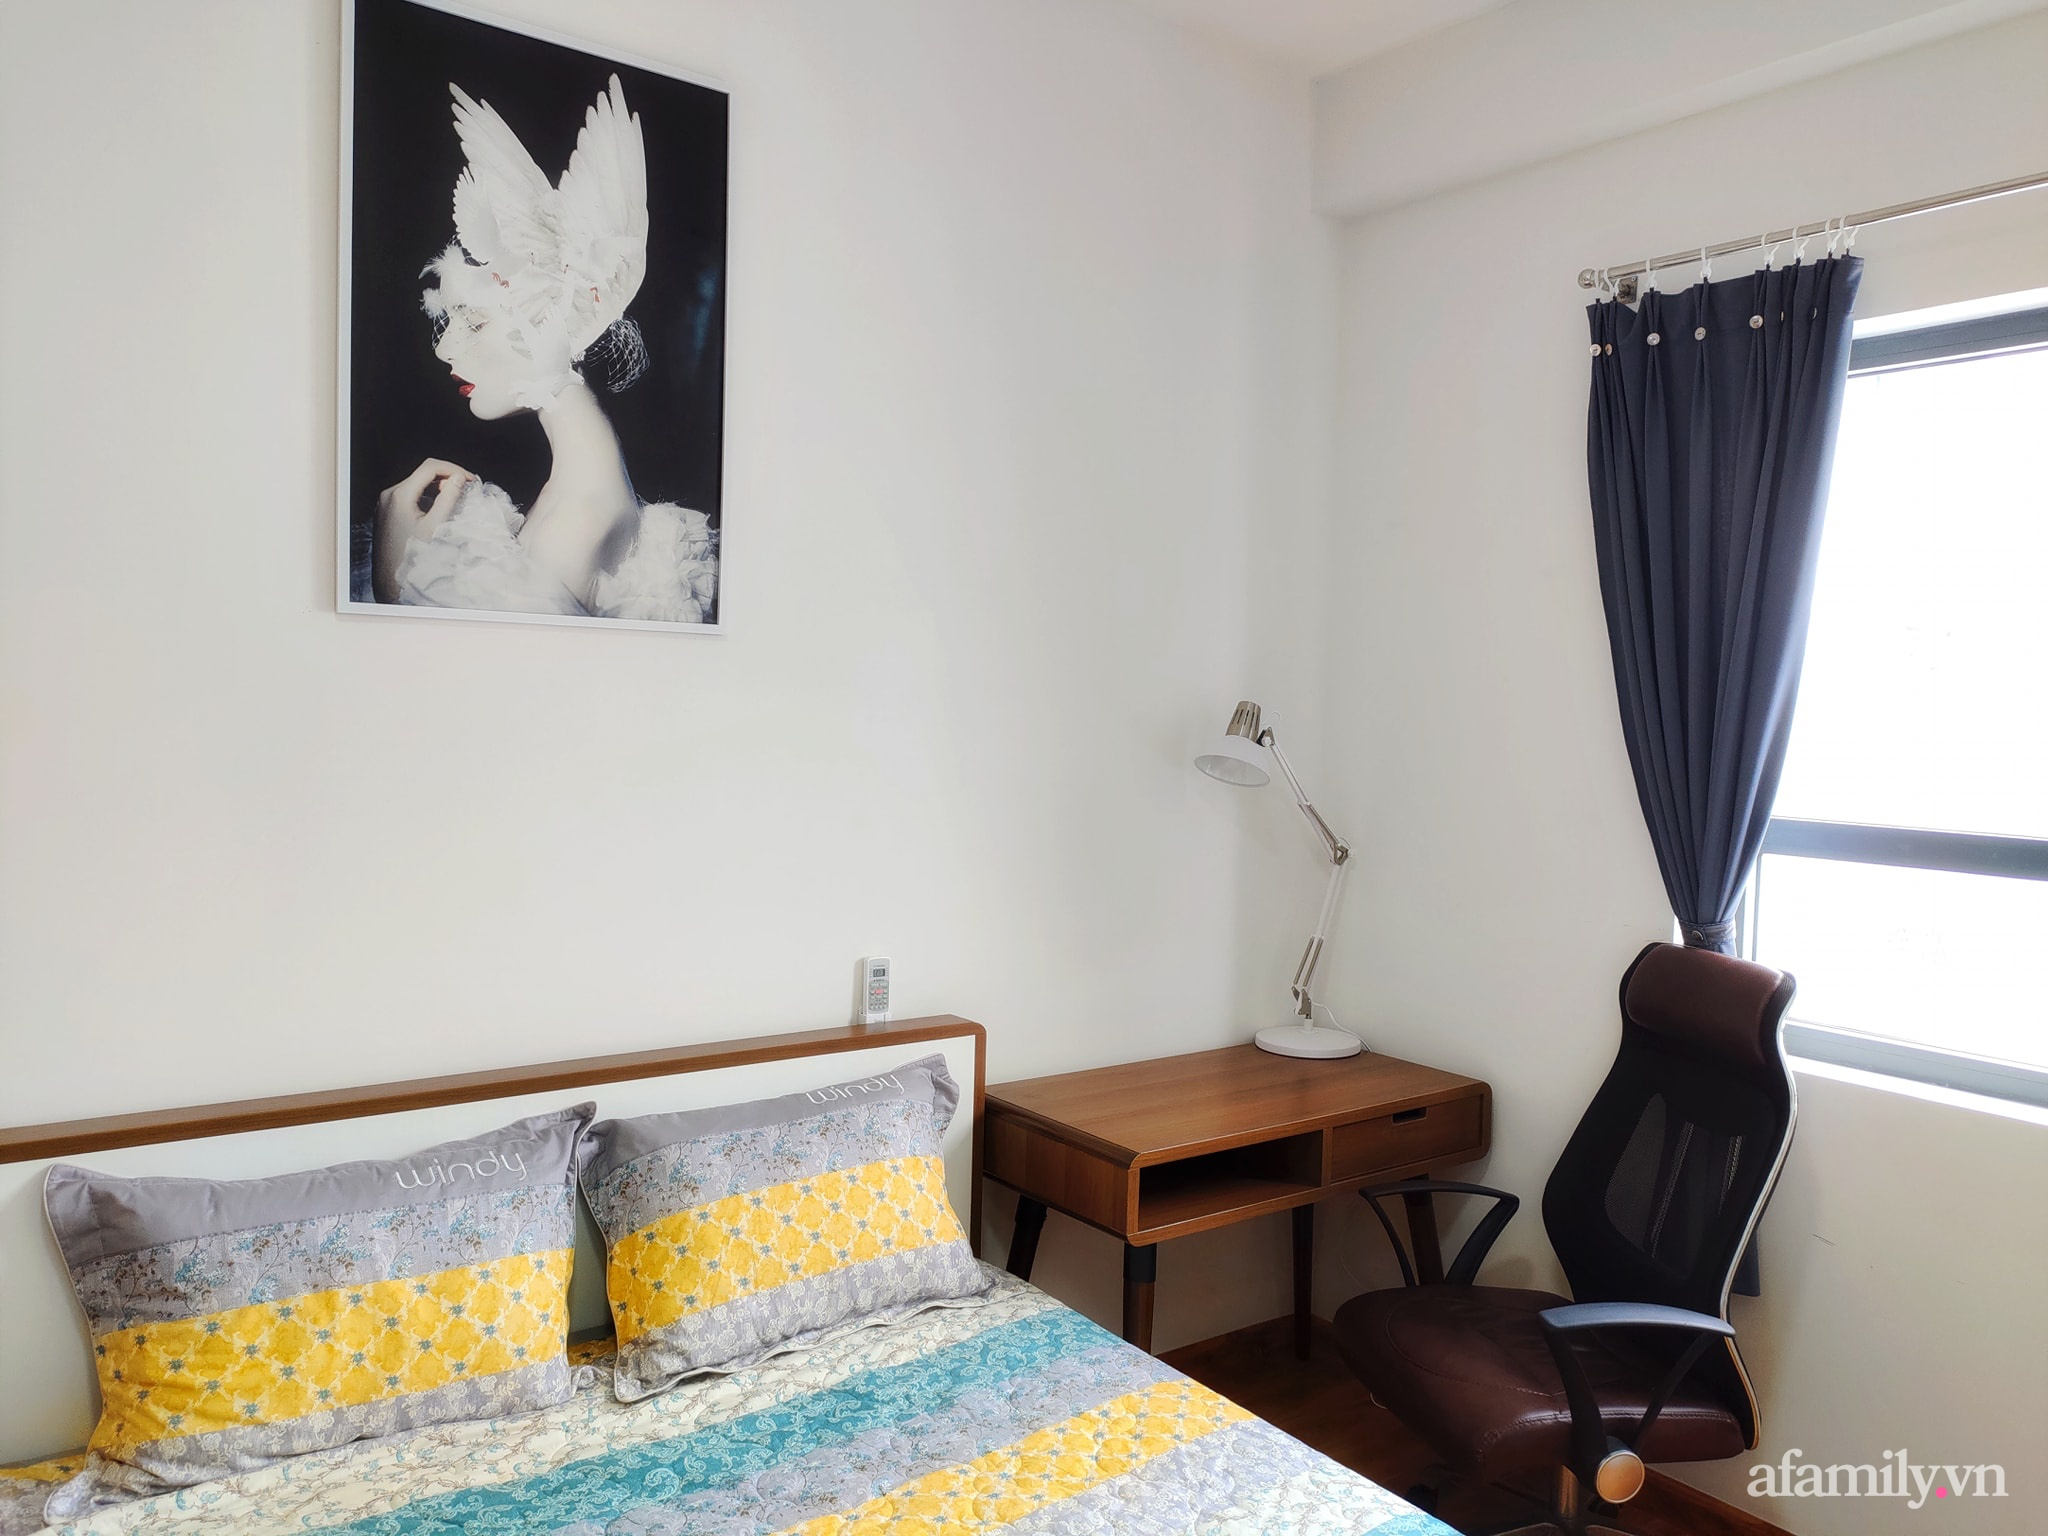 Căn hộ 70m² xanh tươi và ngập tràn ánh sáng với tổng chi phí đầu tư chỉ 46 triệu đồng của chàng trai độc thân ở Sài Gòn - Ảnh 10.